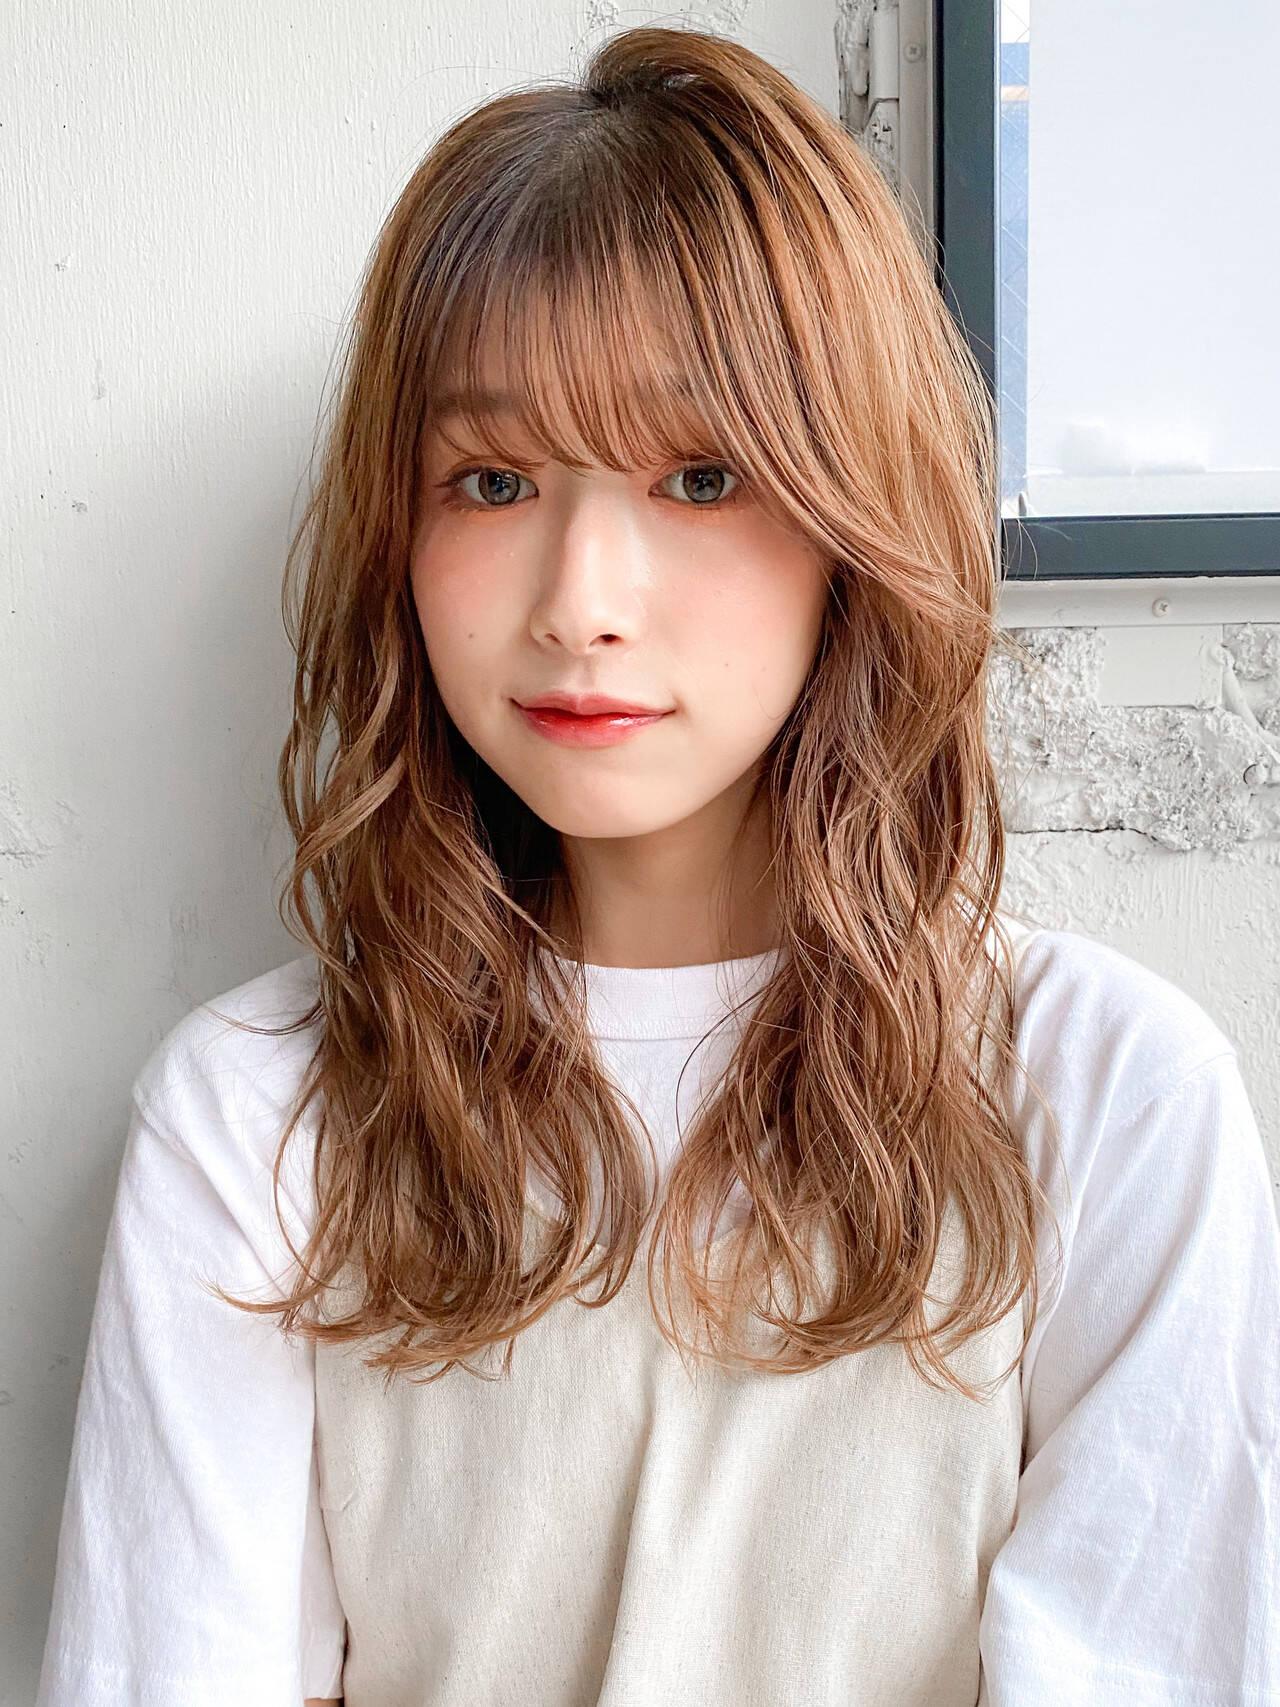 ミルクティーベージュ くびれカール パーマ デジタルパーマヘアスタイルや髪型の写真・画像